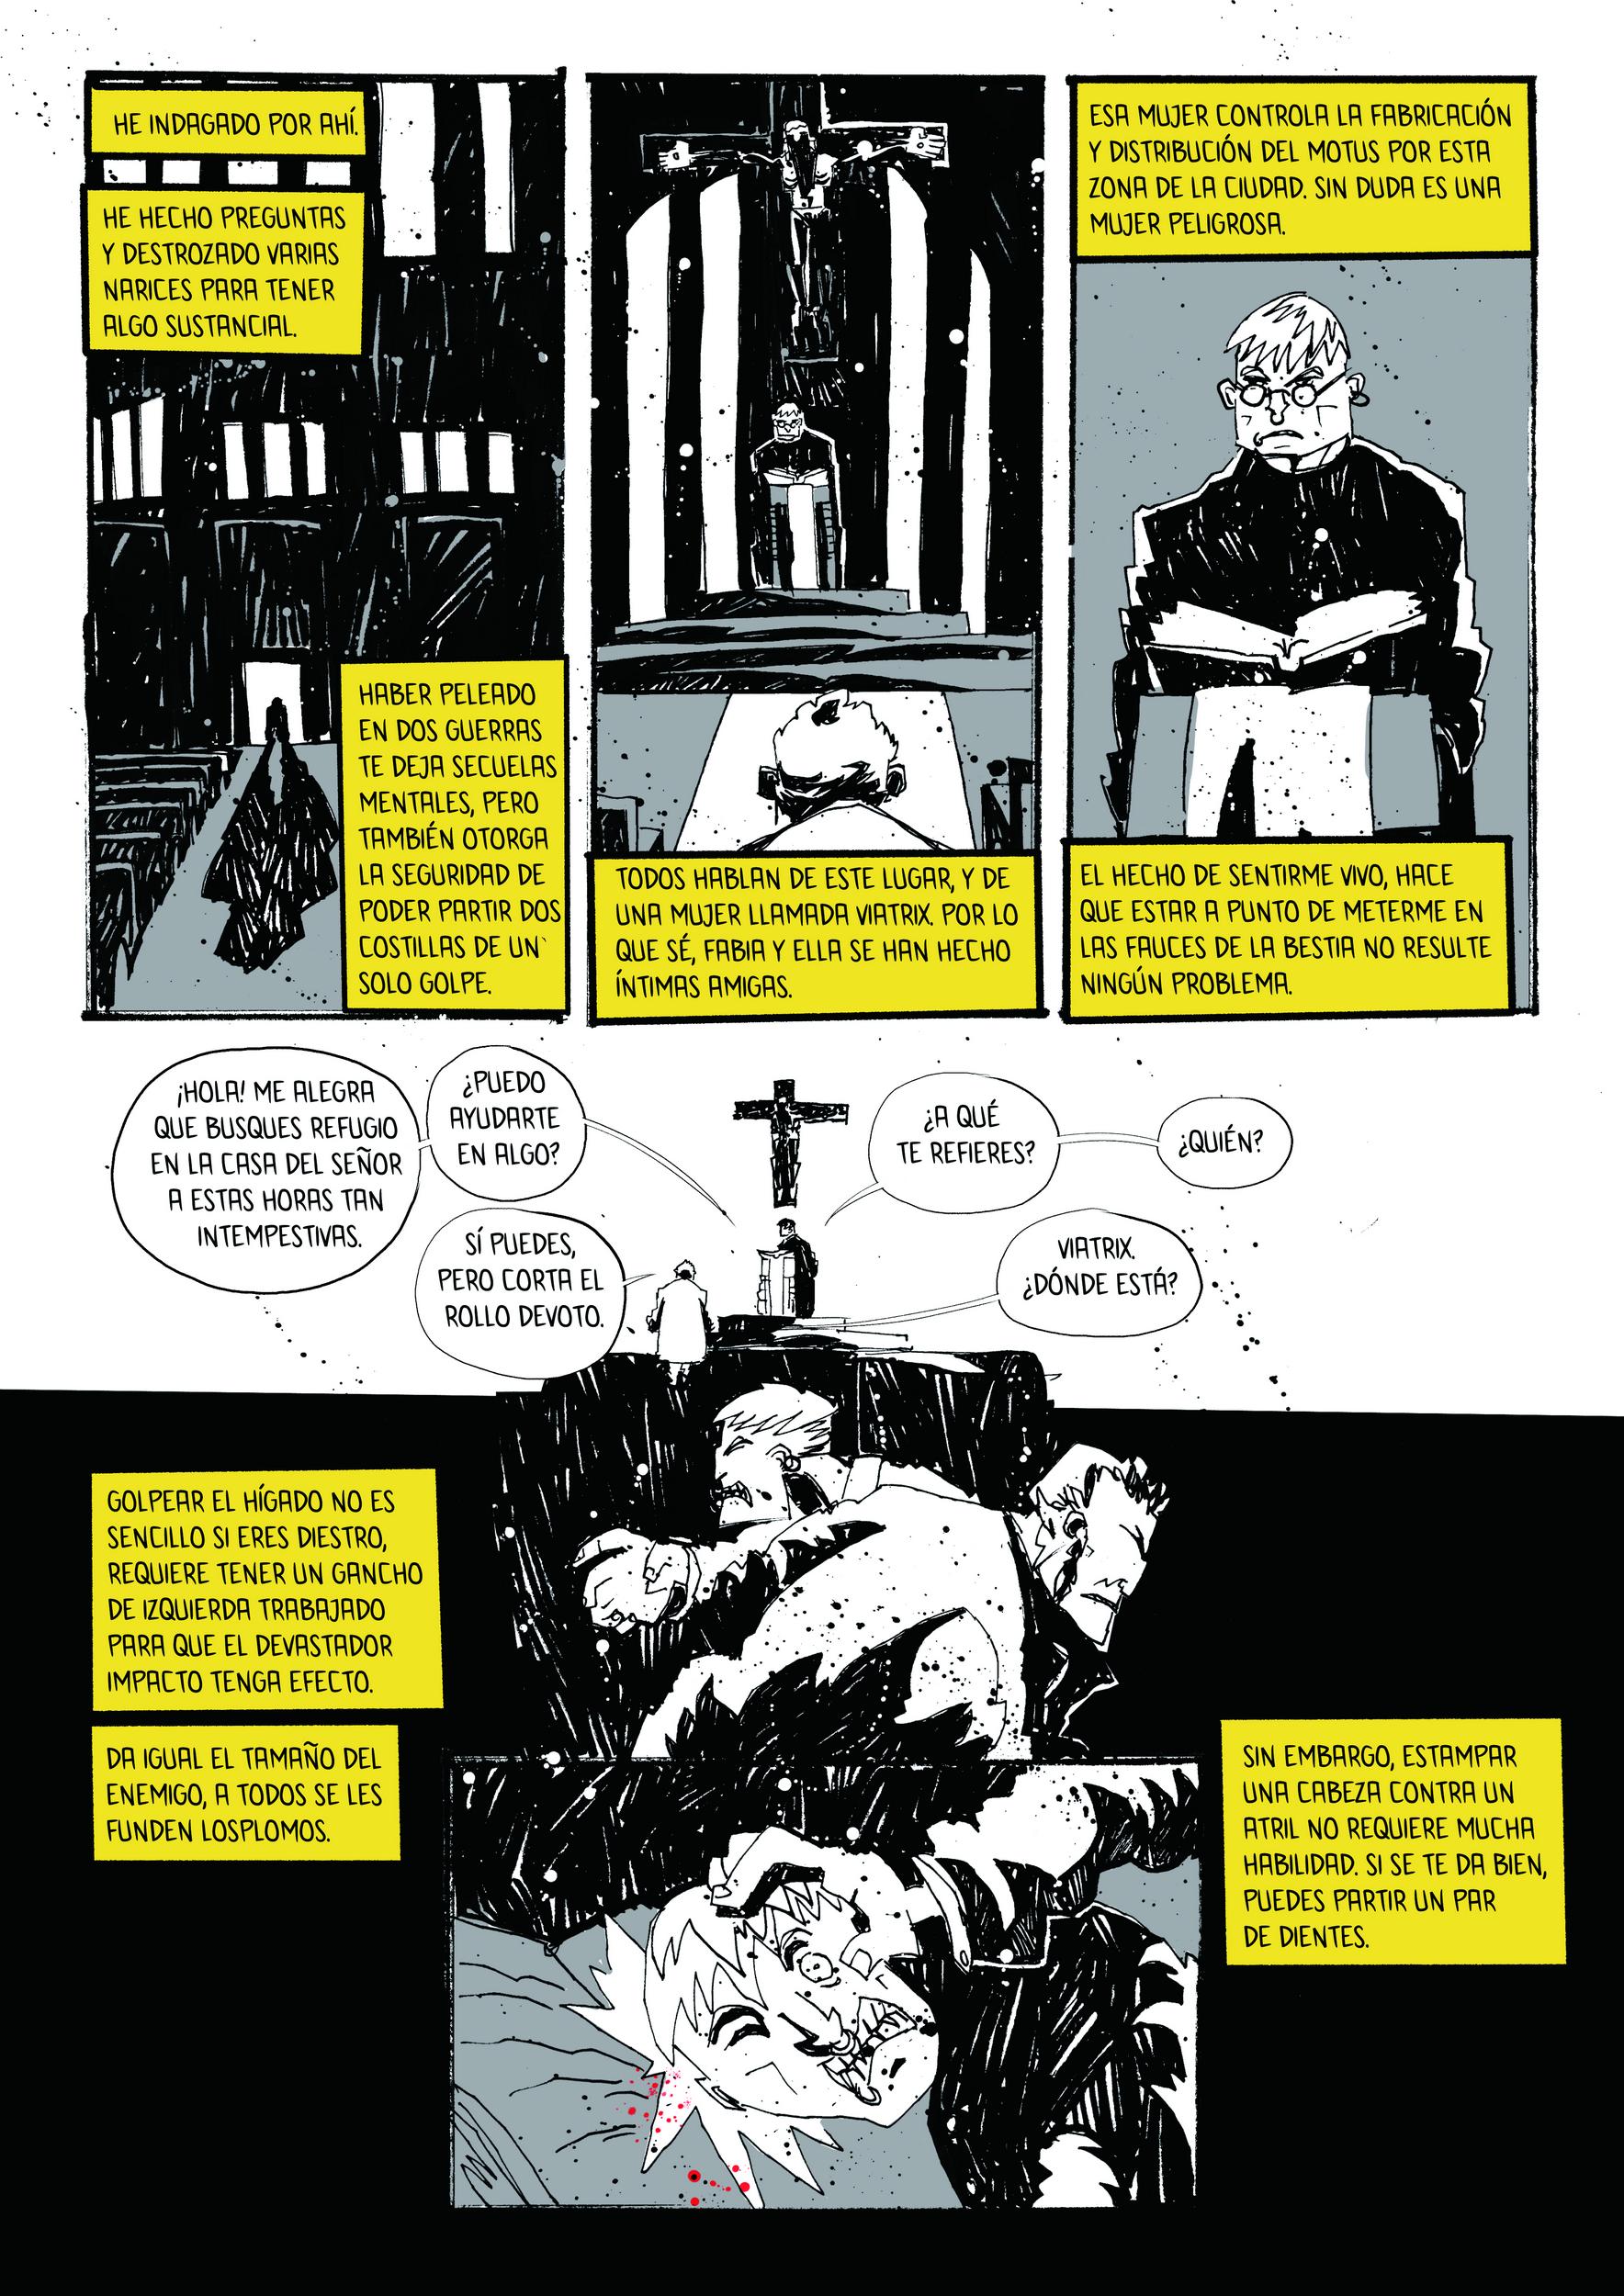 05_Hugo Martín Crespo y Alejandro Cruz Santana_Grind_pagina00005_2500_0018